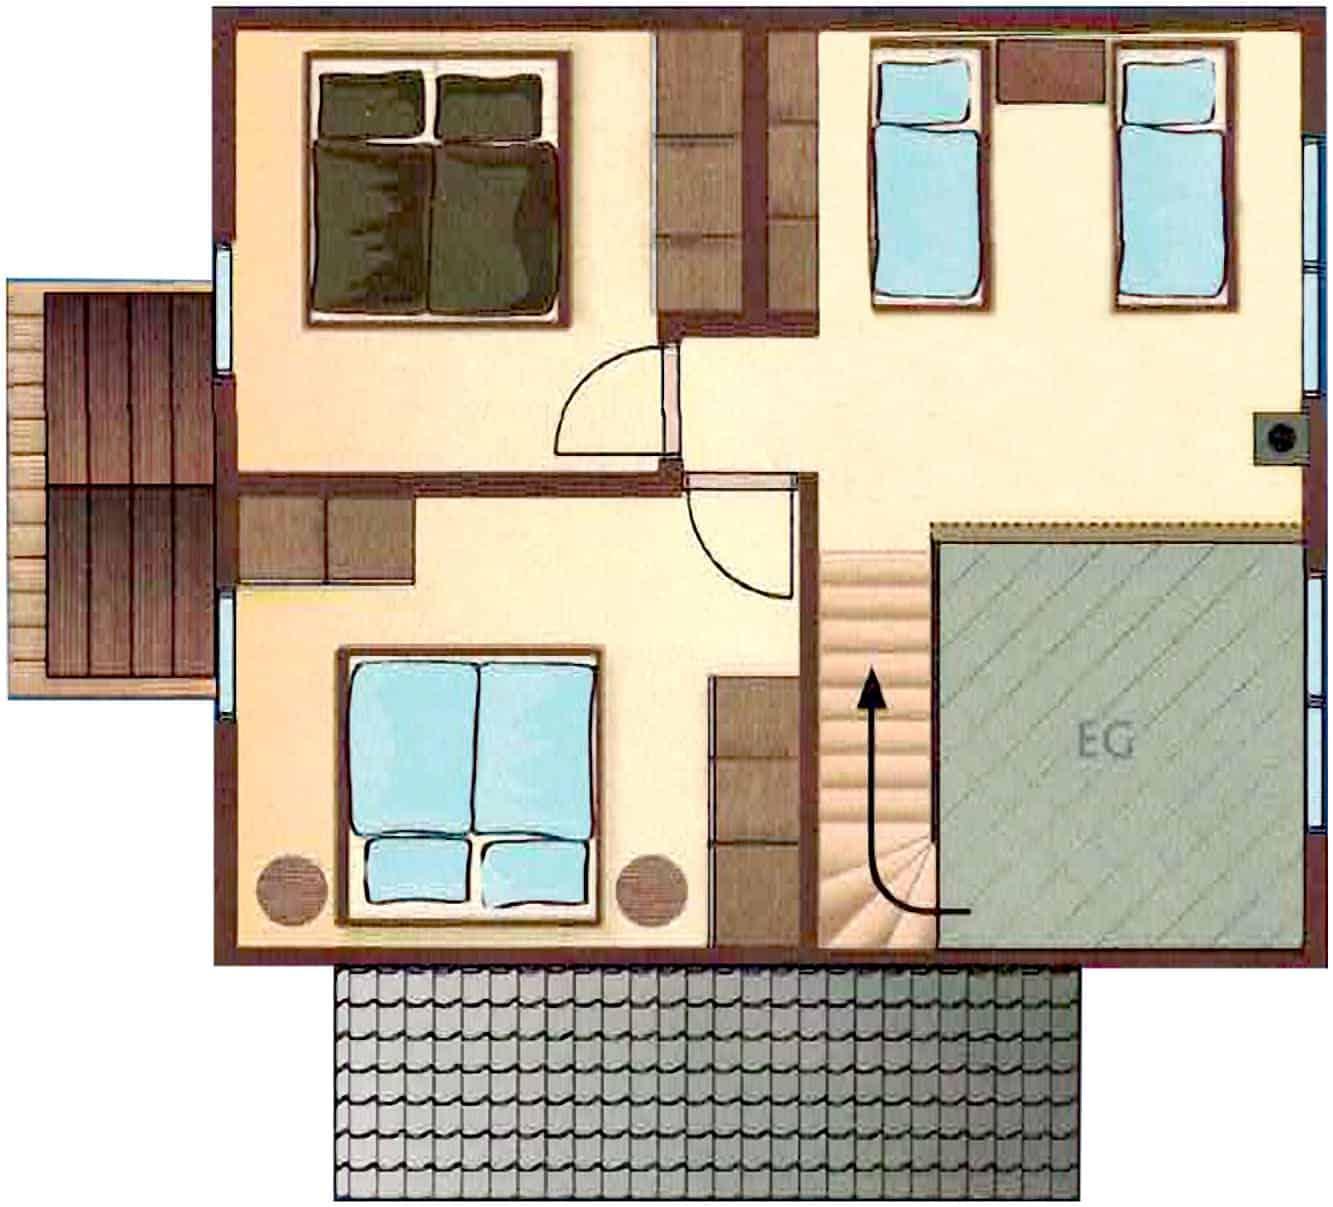 Ferienhaus Falster XL in Bad Saarow am Scharmützelsee – Ansicht Grundriss des Dachgeschosses